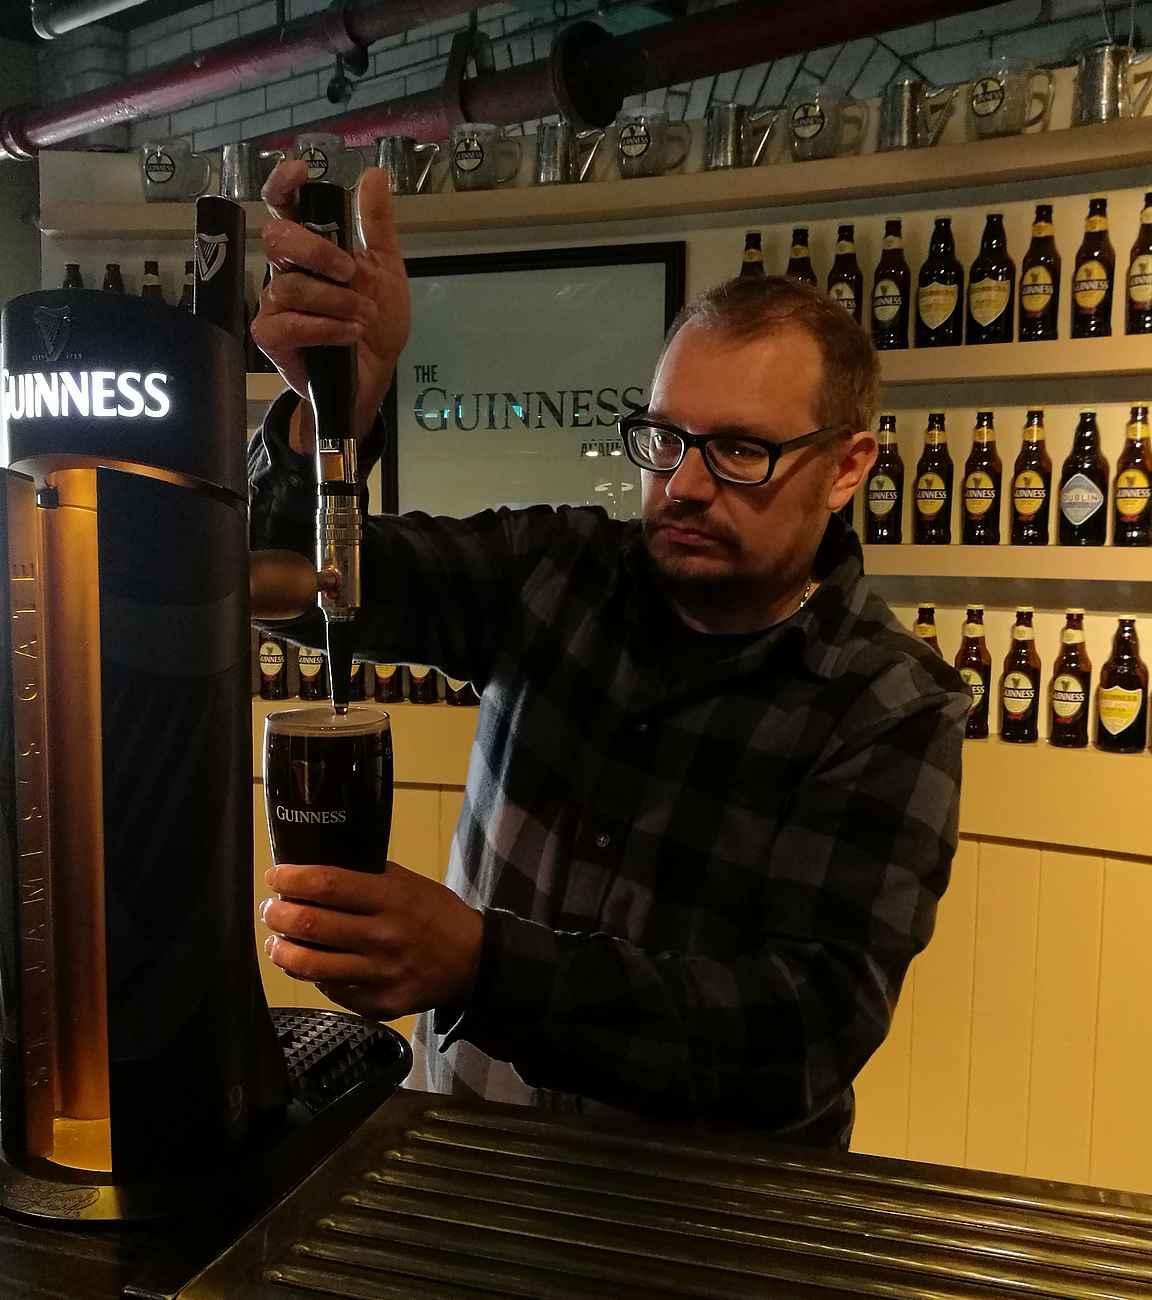 Dublinin pub-kulttuuriin tutustuessa kannattaa käydä opiskelemassa täydellisen Guinness tuopin kaato Guinness Storehouse Academyssä.